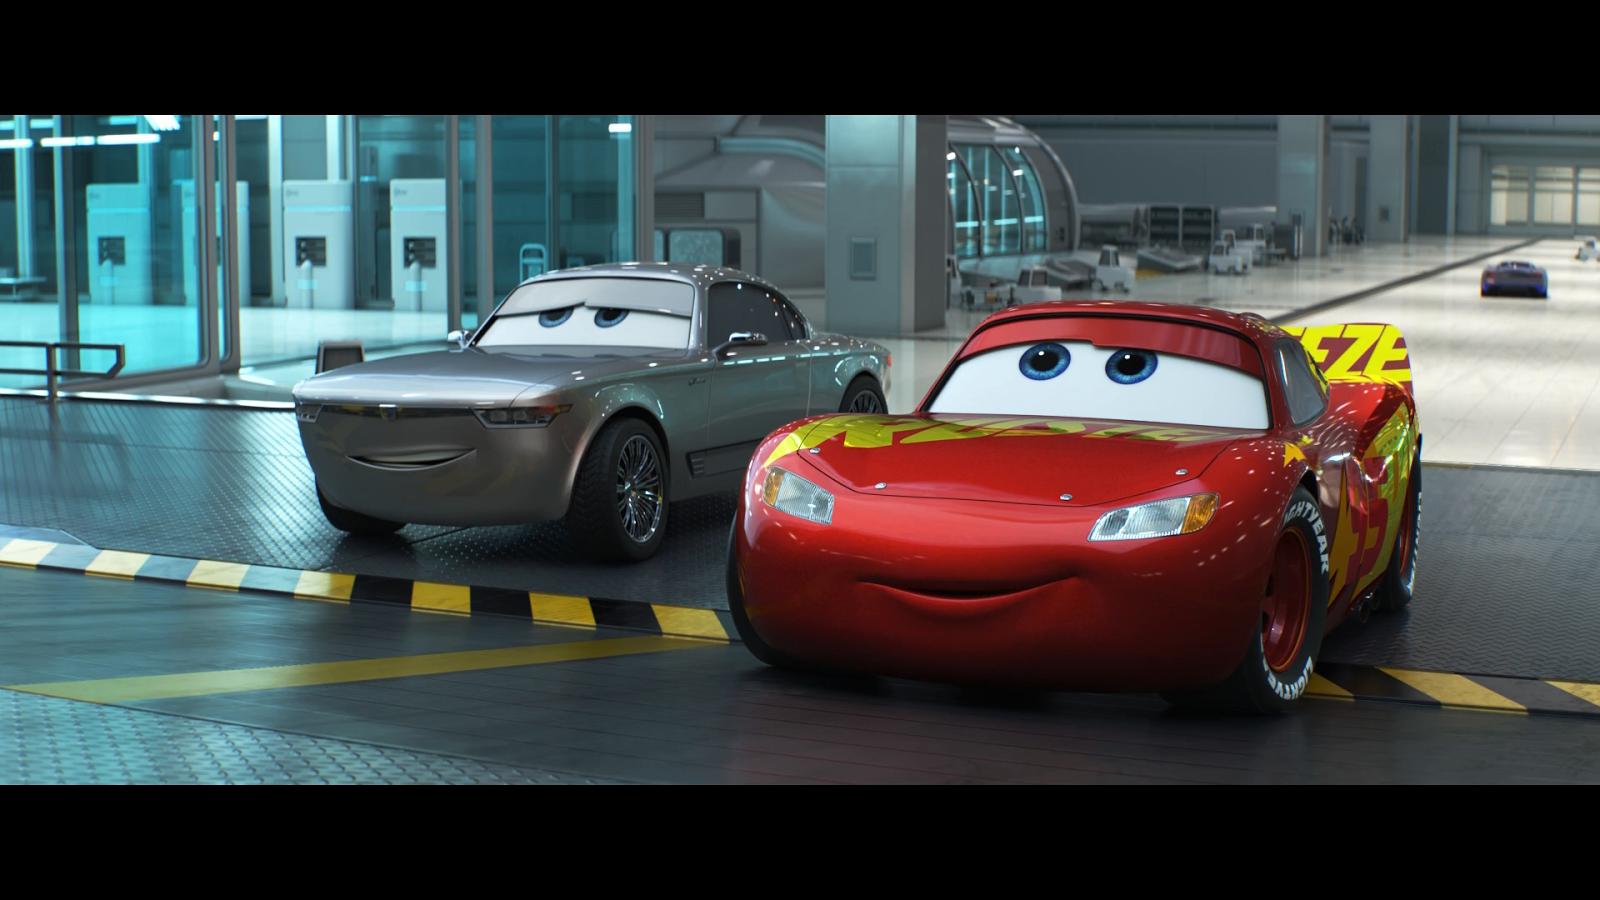 Cars 3 (2017) BRRip 1080p Español Latino - Ingles captura 3